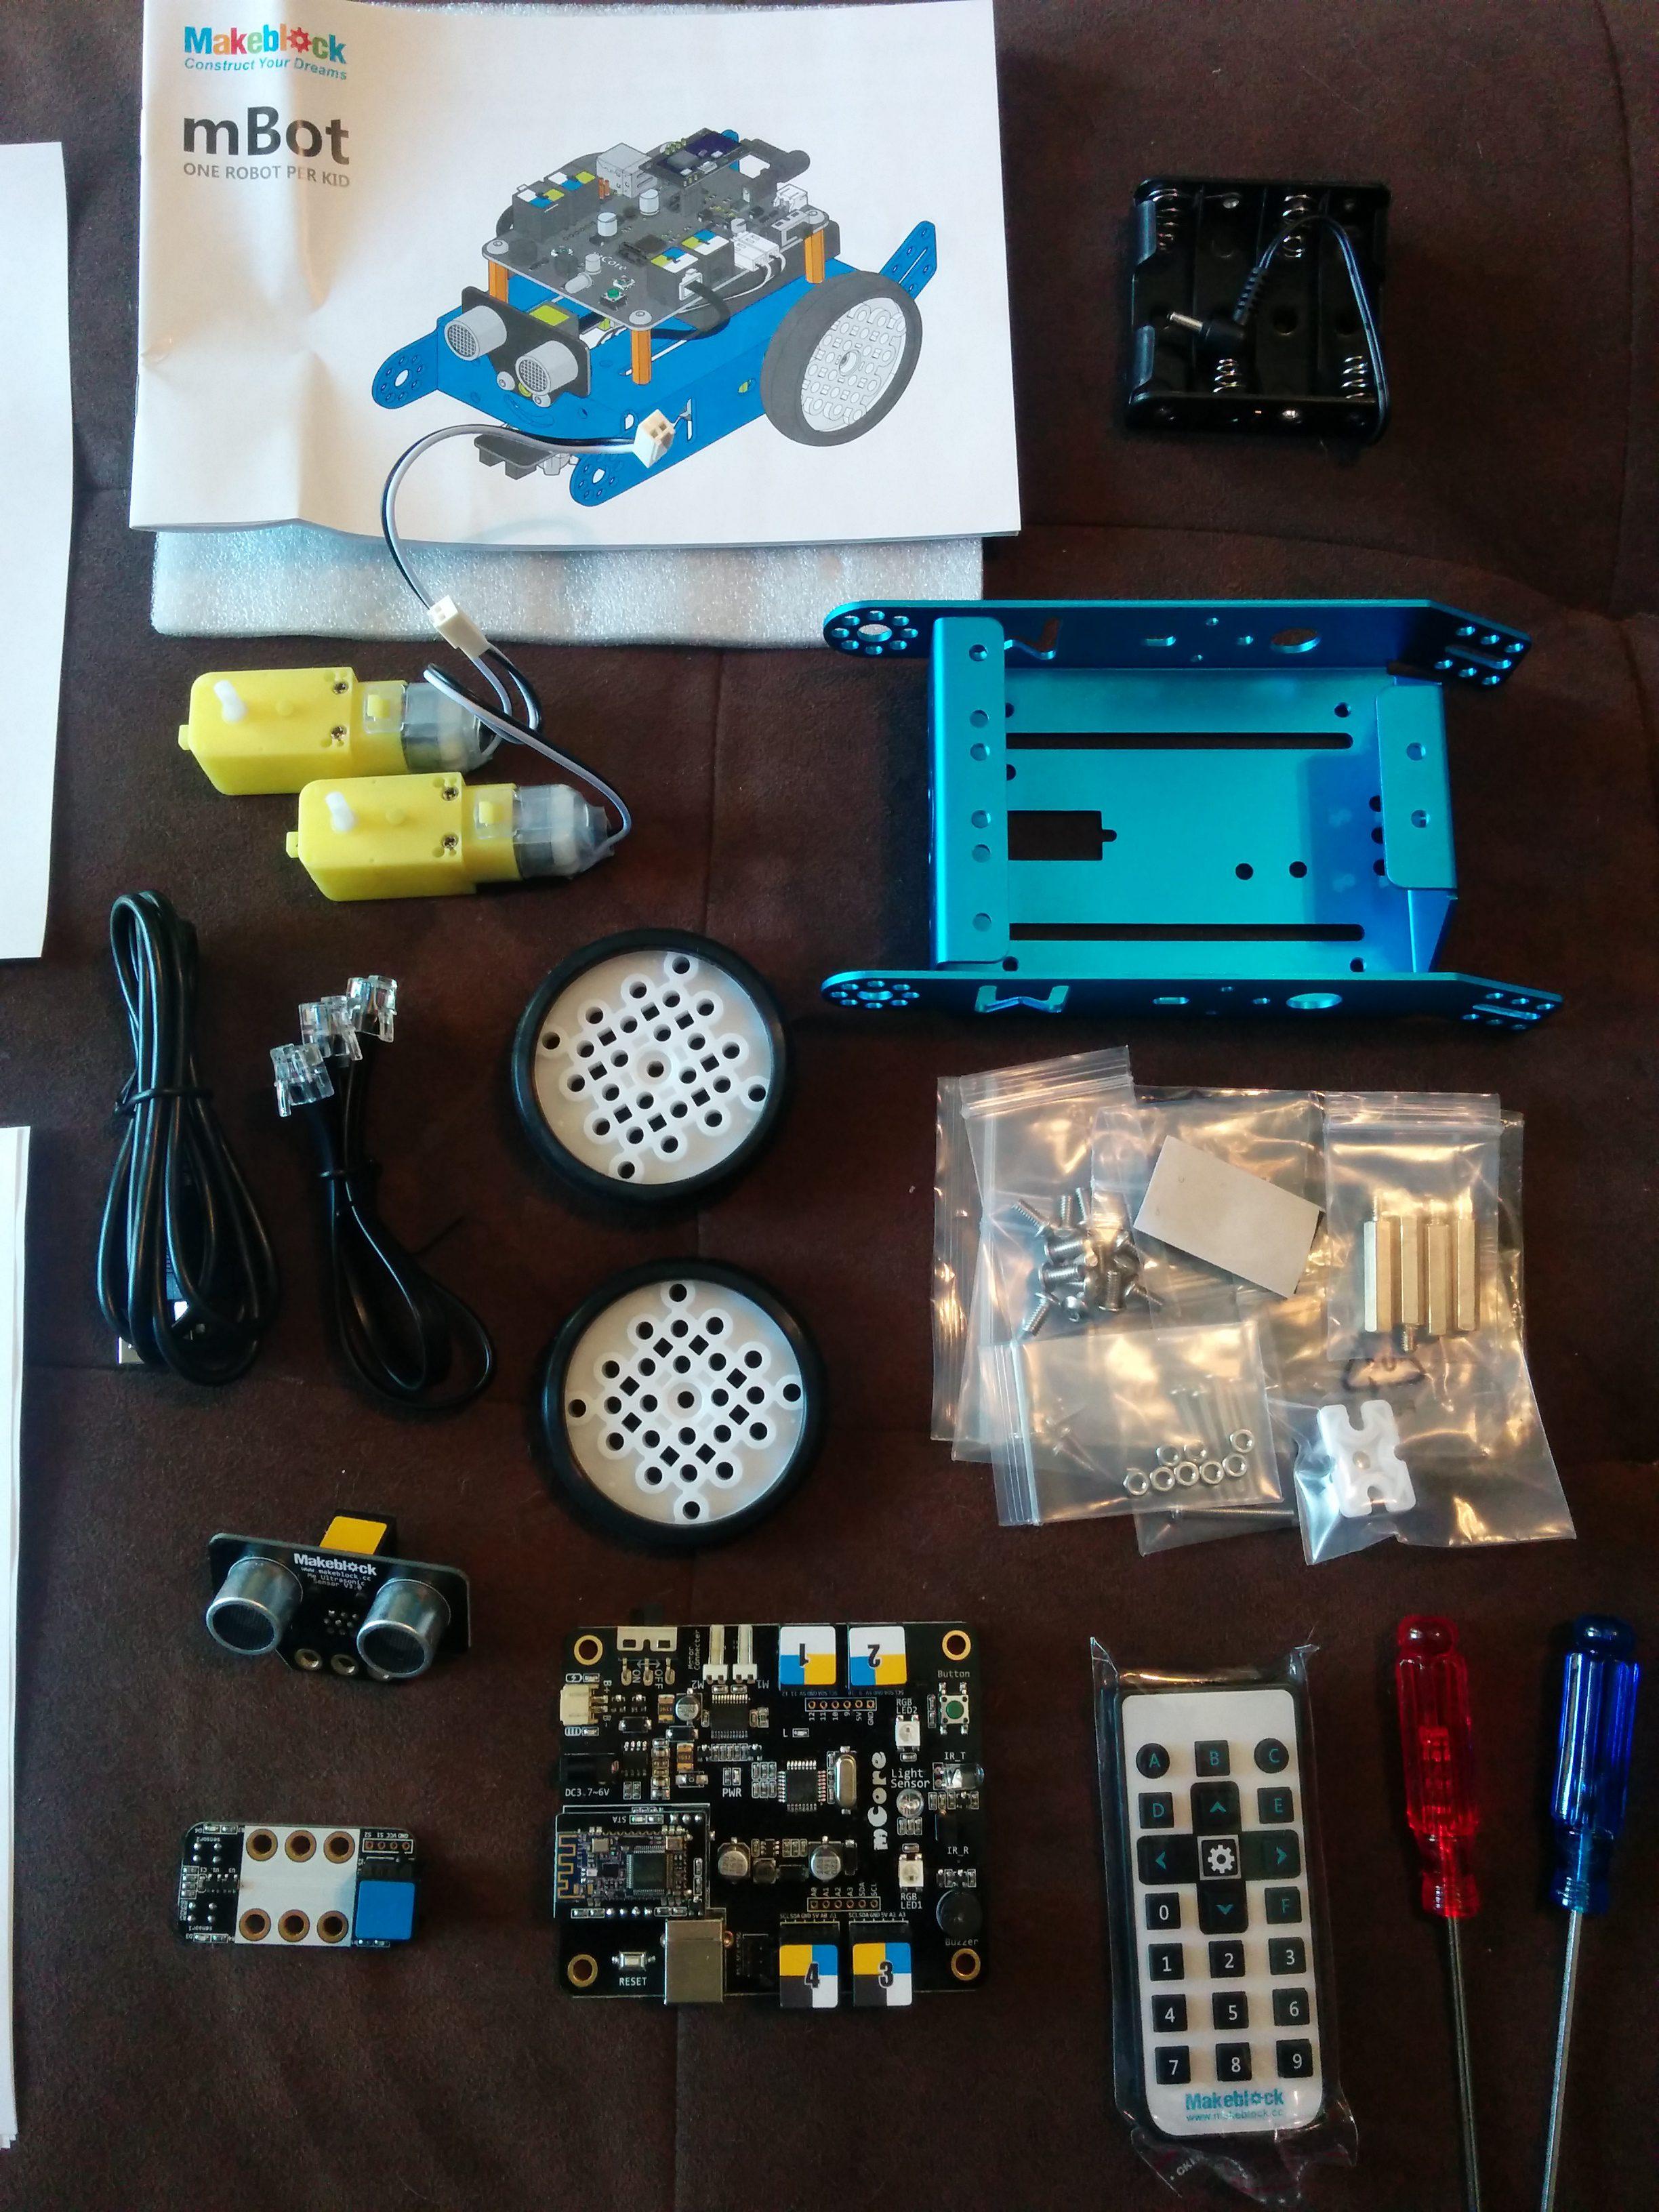 Makeblock mBot Educational Robot Kit - Gambit Magazine